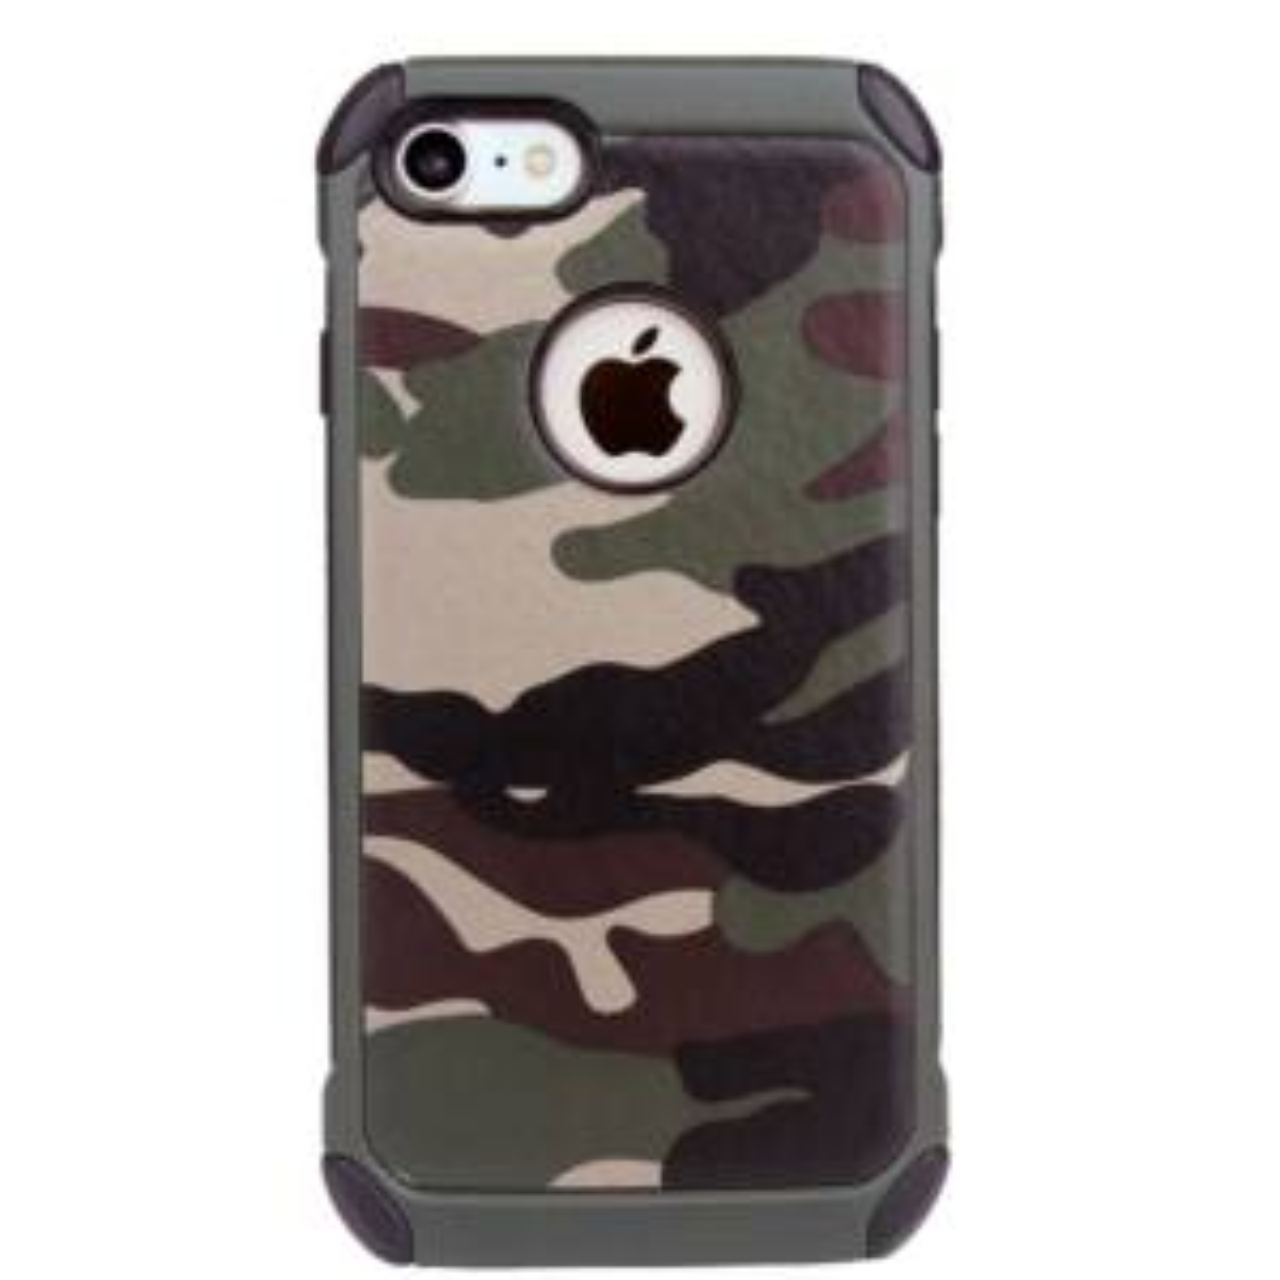 کاور گوشی موبایل مدل camouflage مناسب برای گوشی موبایل آیفون 4